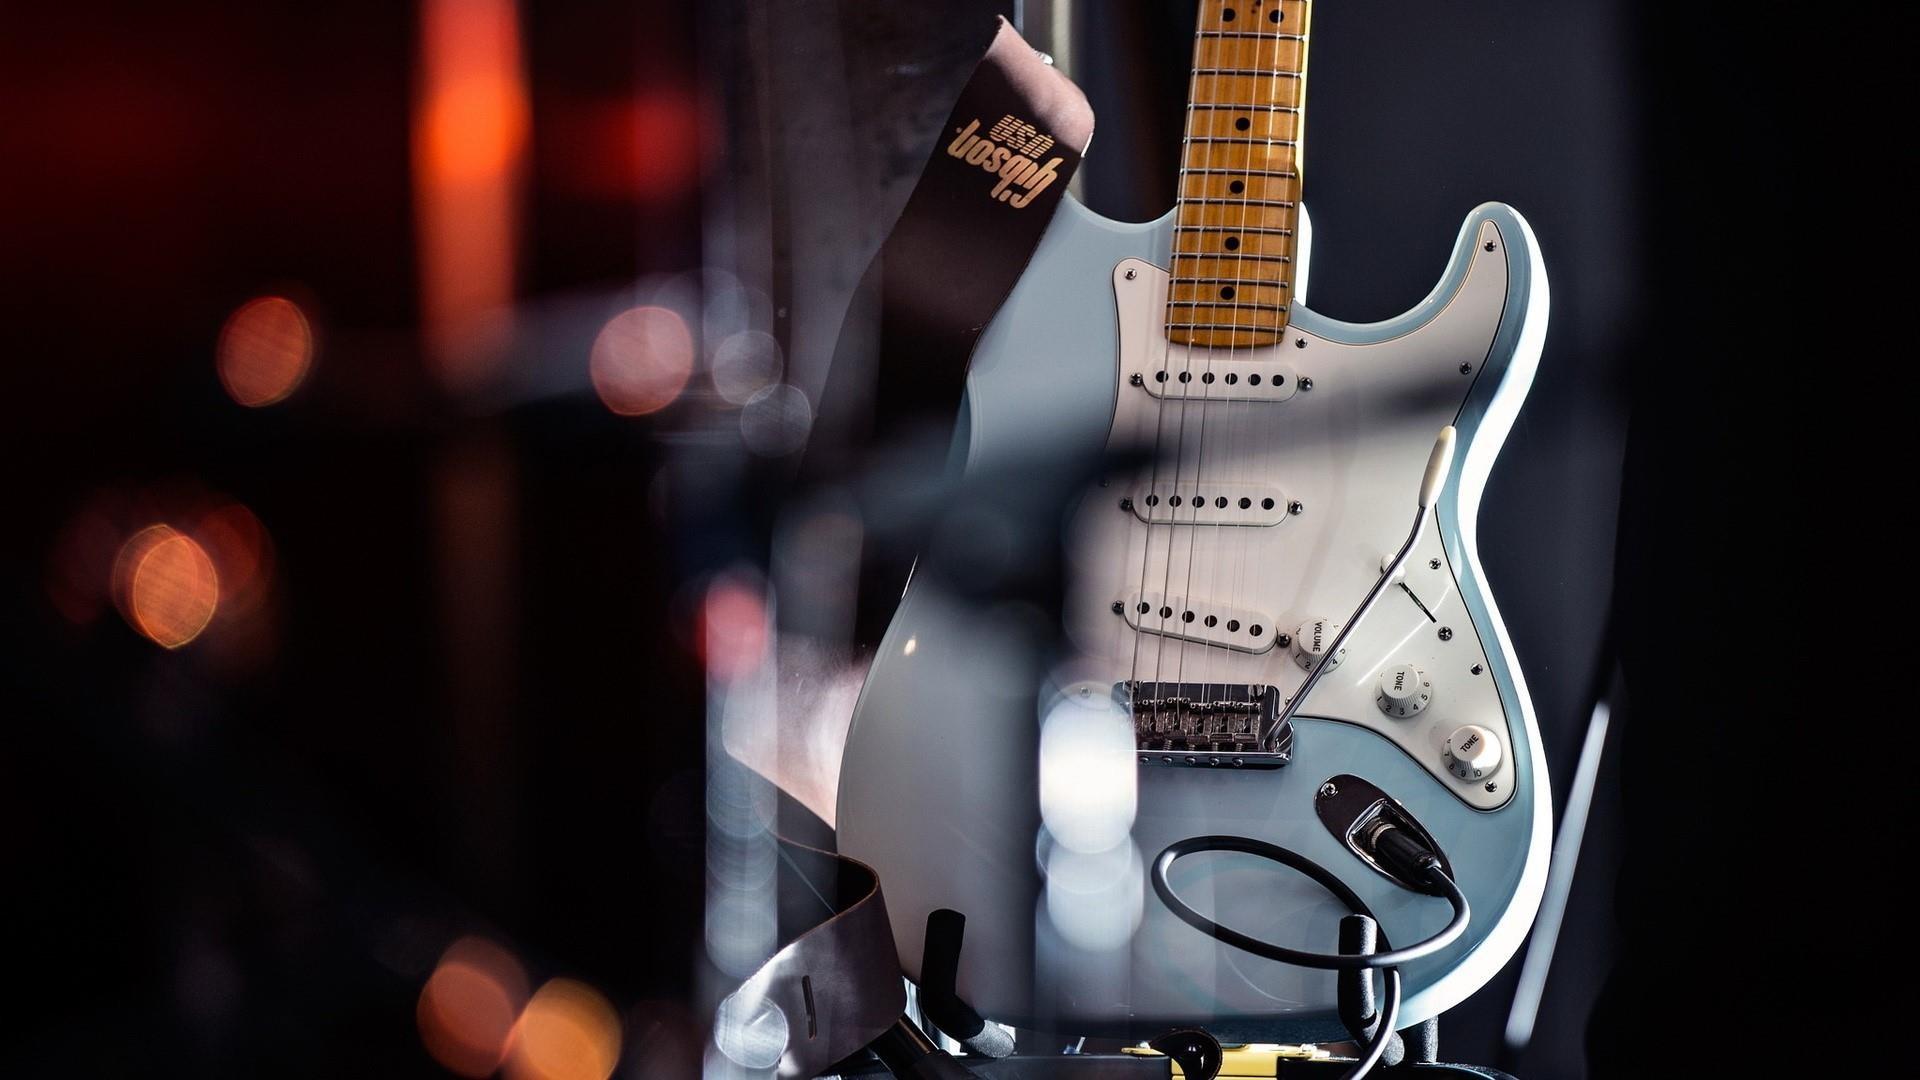 Guitar Music Hd Wallpaper 68678 1920x1080px